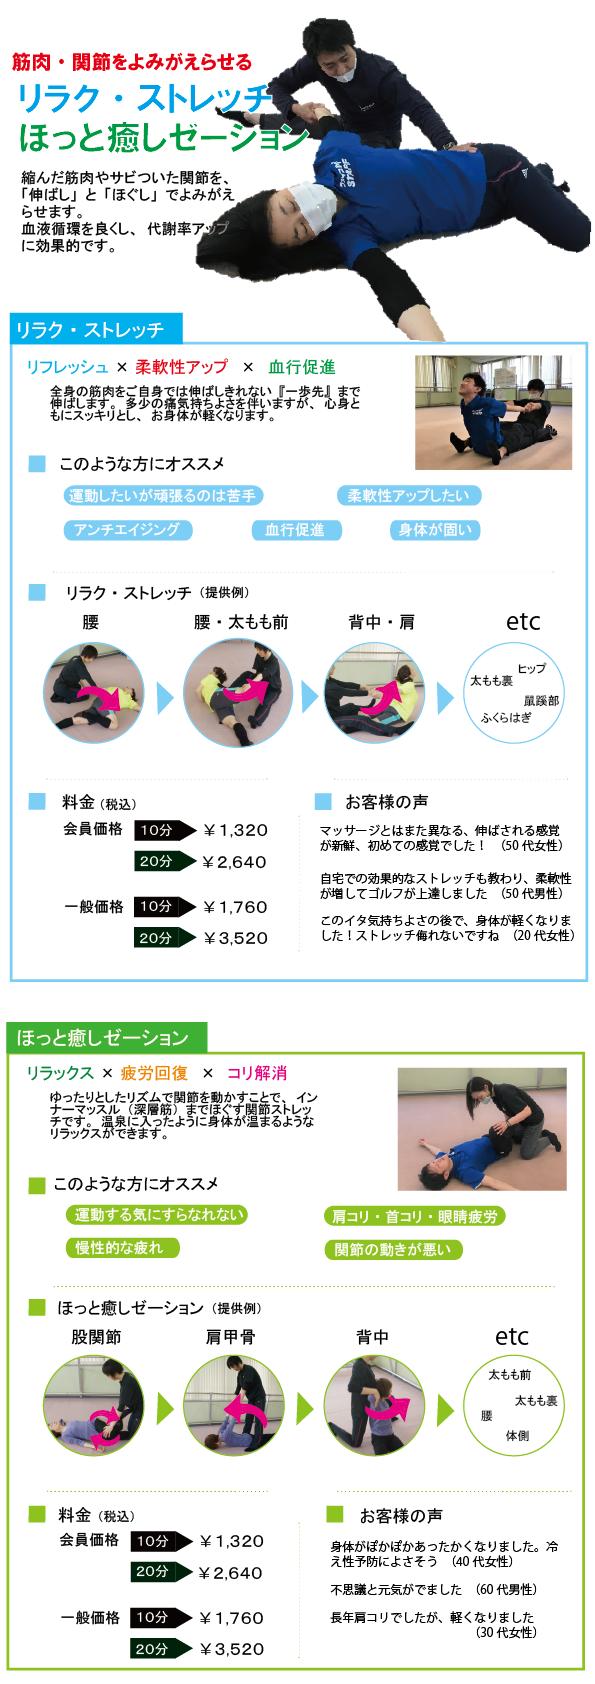 20140704_rirakuiyashi.png